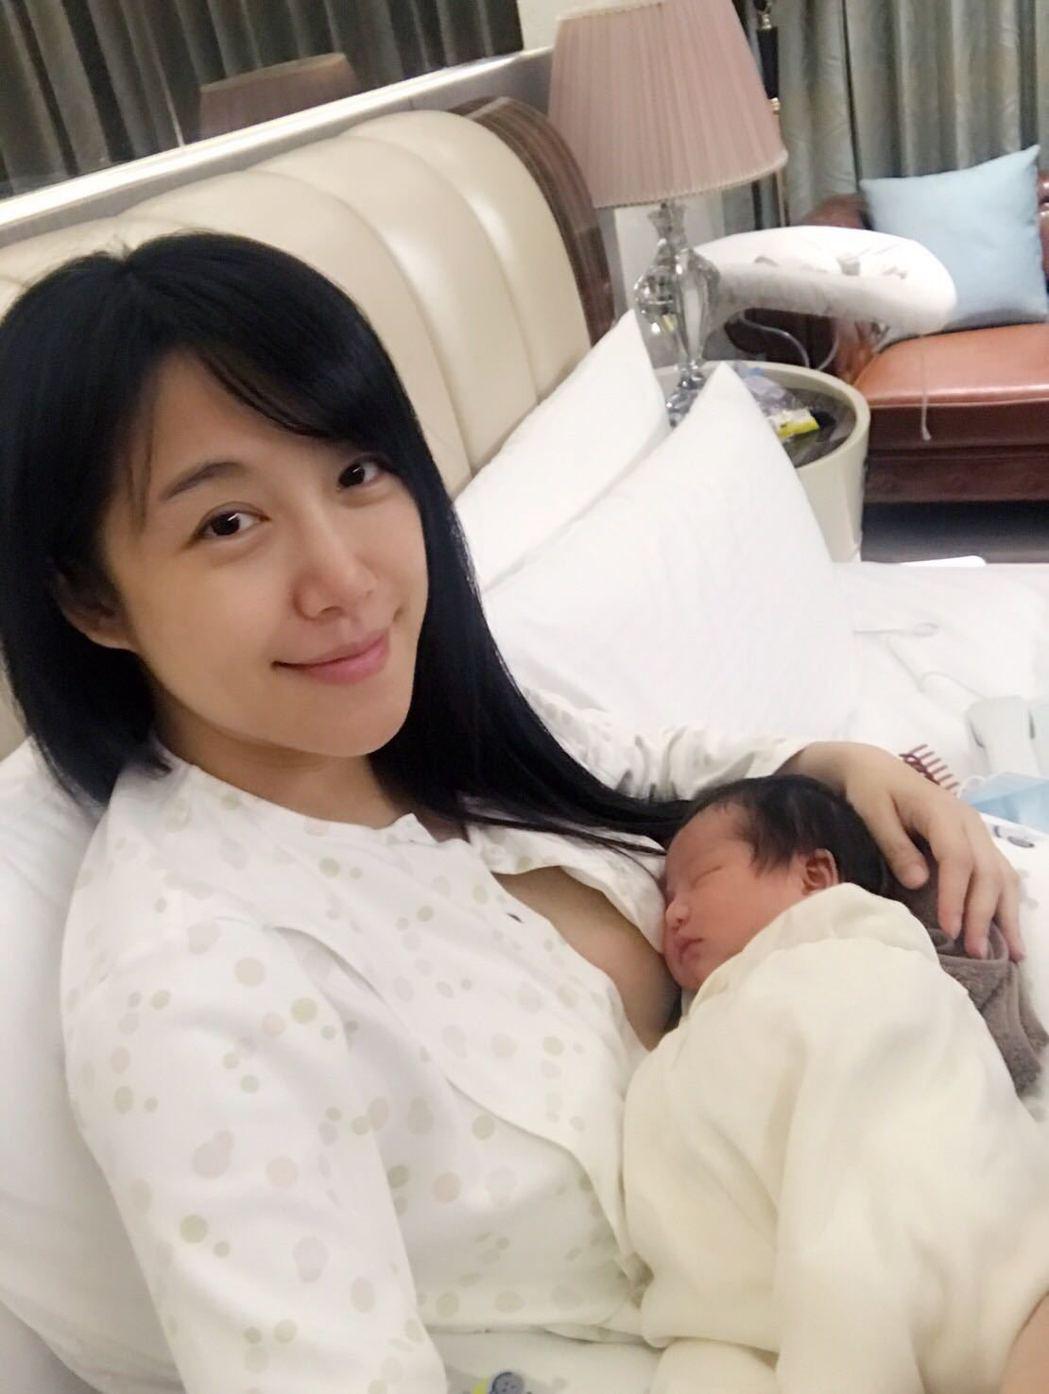 佩佩女兒順利出生,享受初為人母的喜悅。圖/璽恩產後護理之家提供